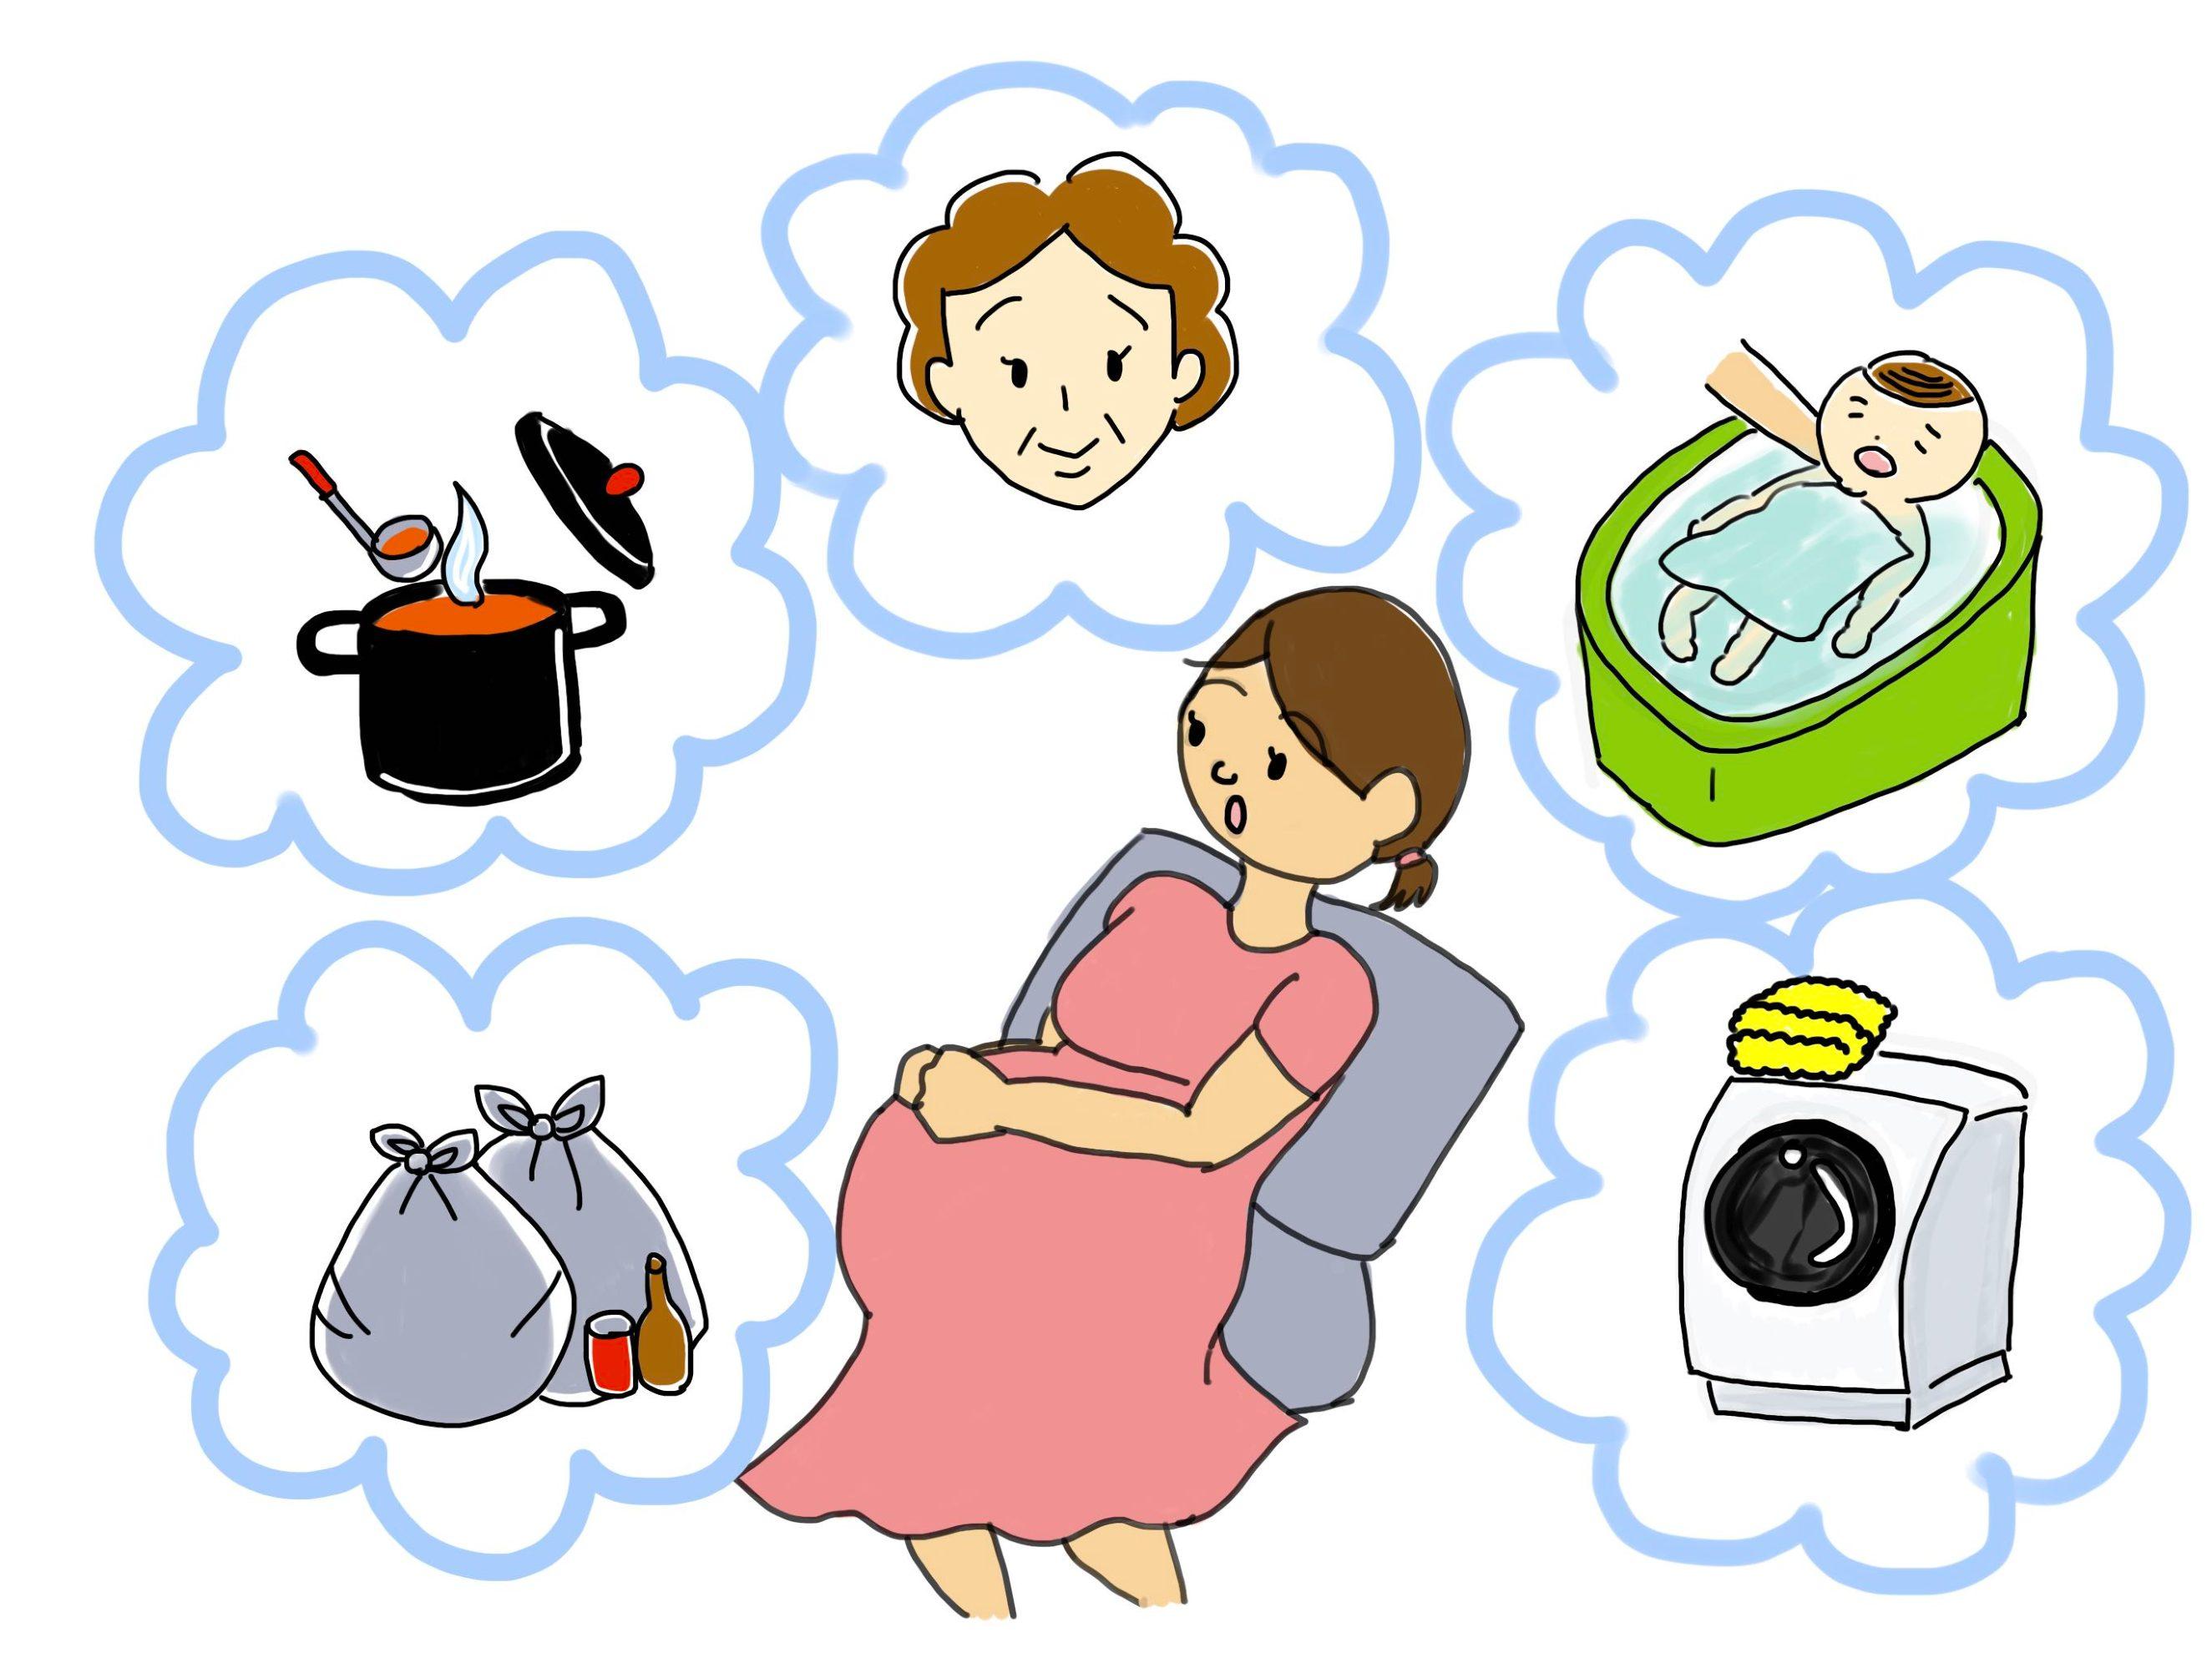 【コロナ禍での出産】実家・両親の助けなし、夫婦2人でやってみる!?